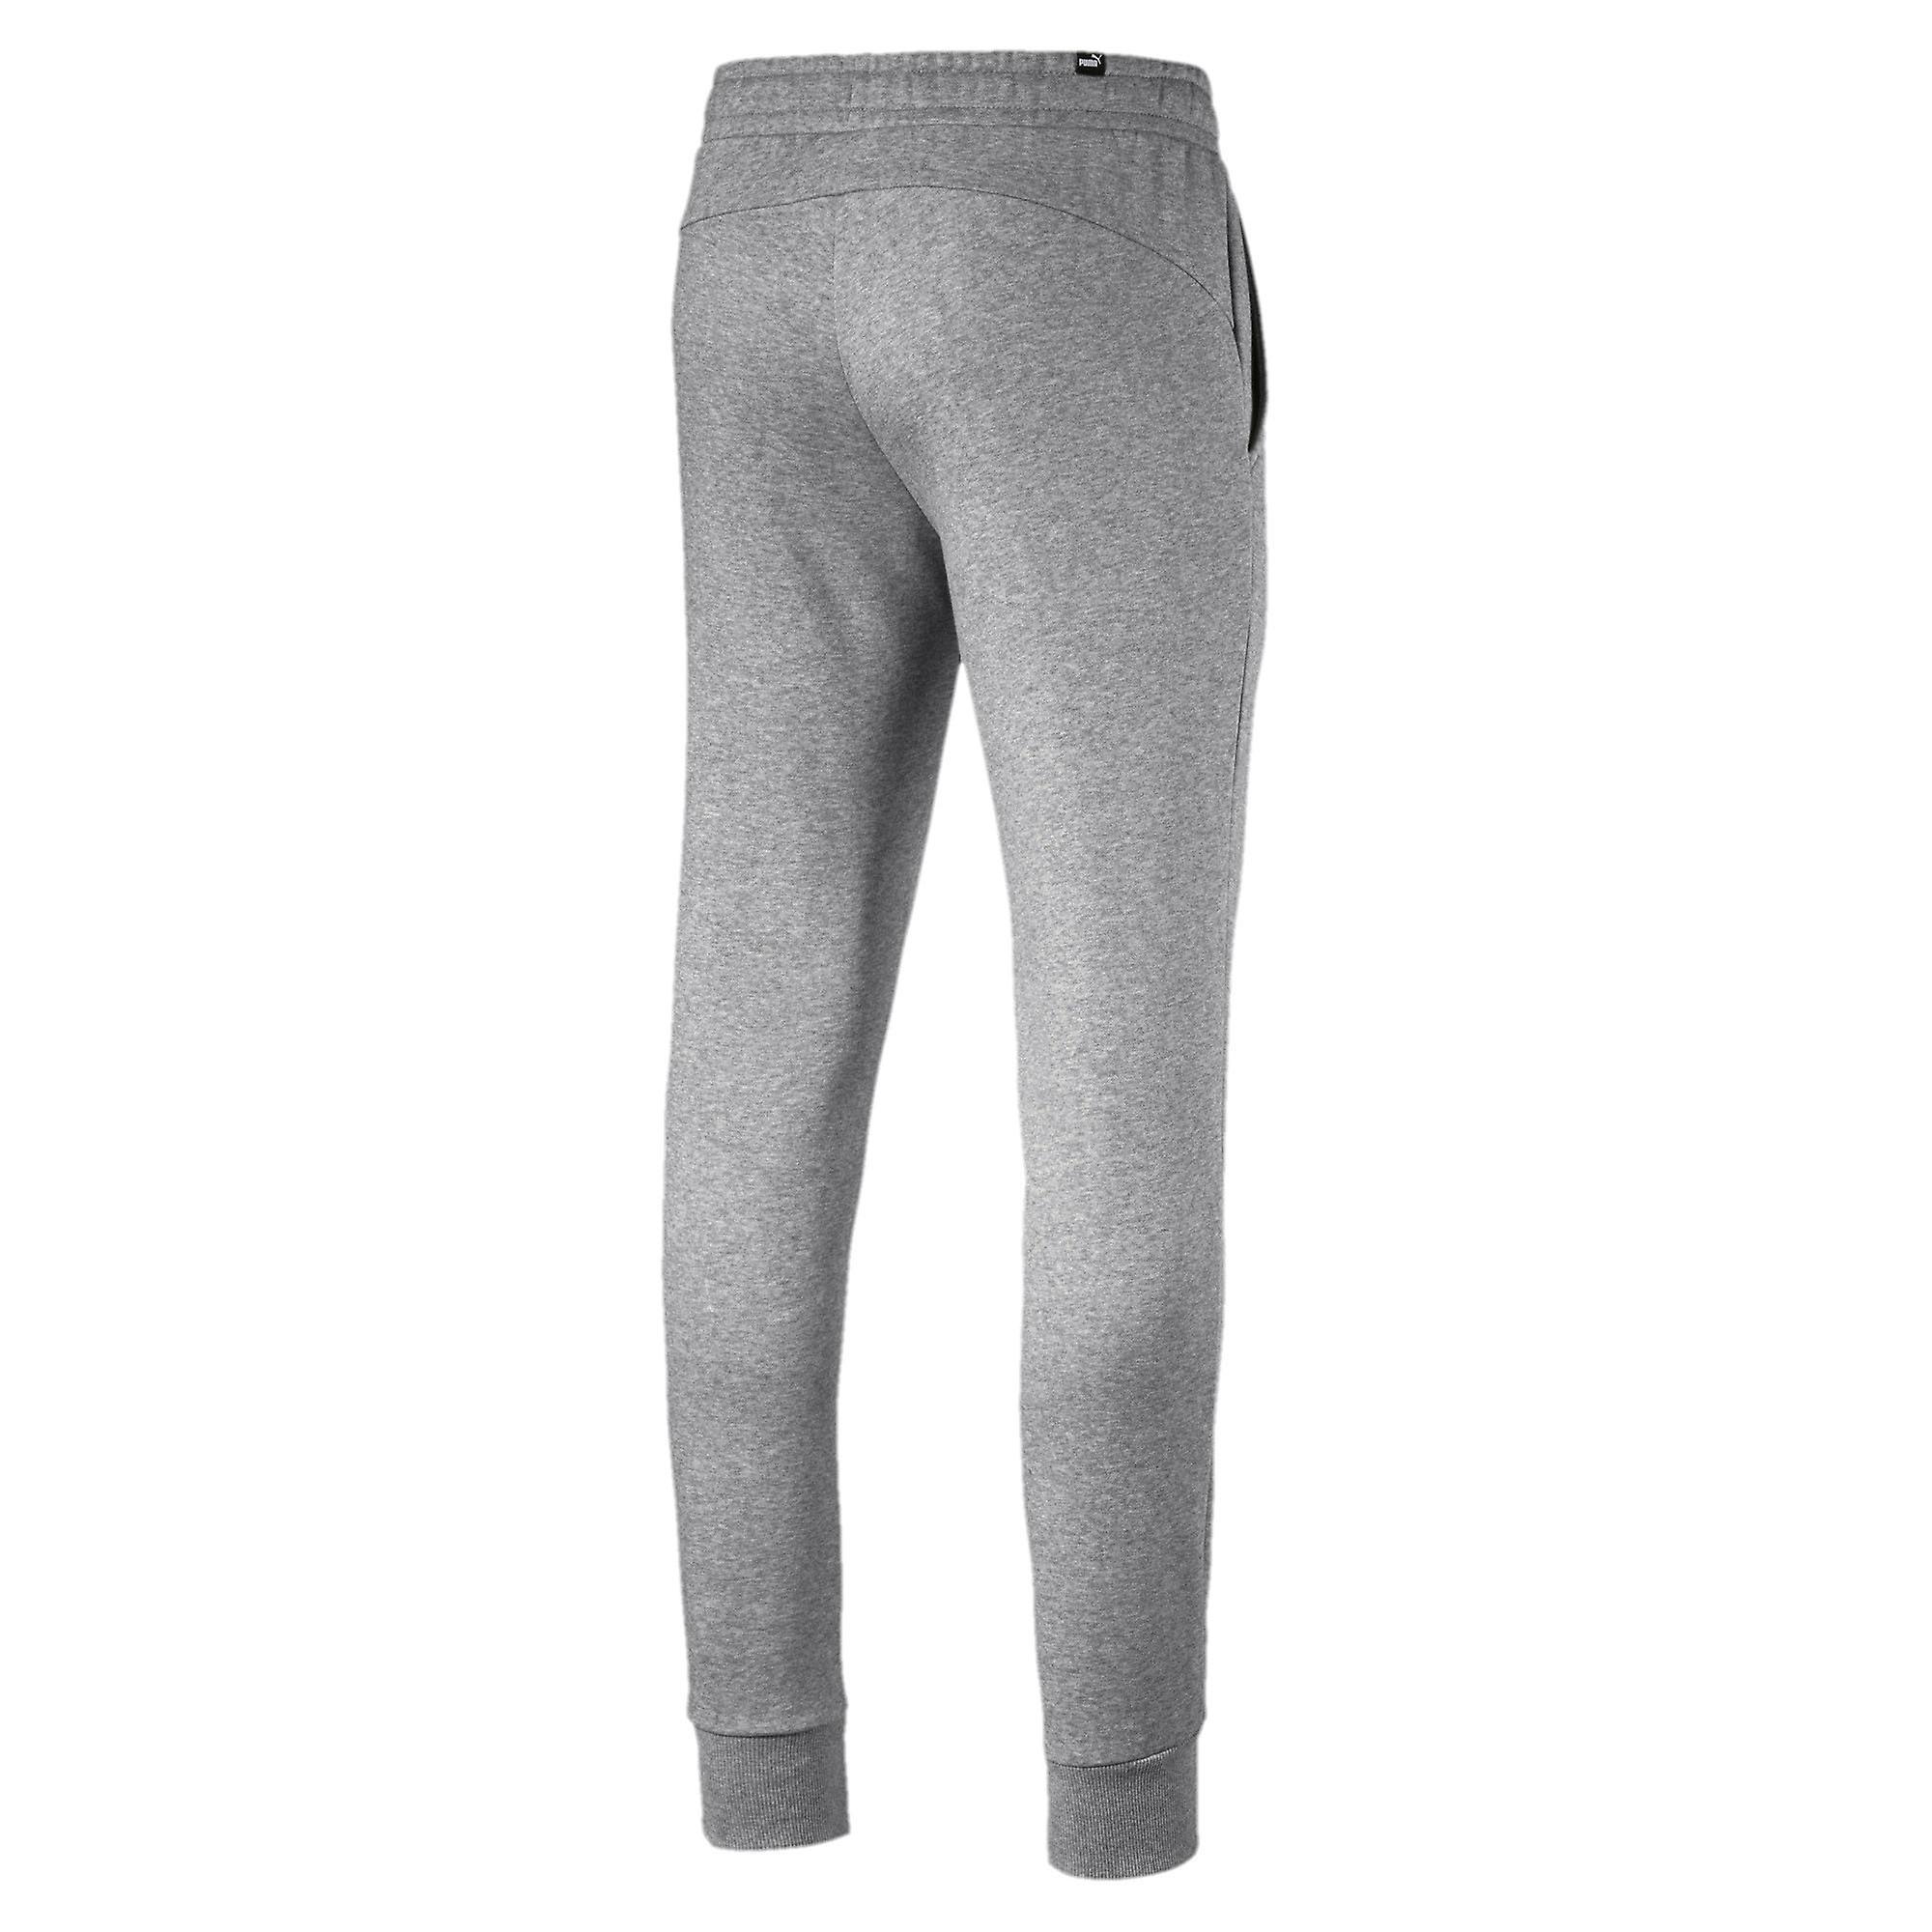 Puma Essentials Logo Mens konisk treningsdrakt Jogging bukse bukse grå